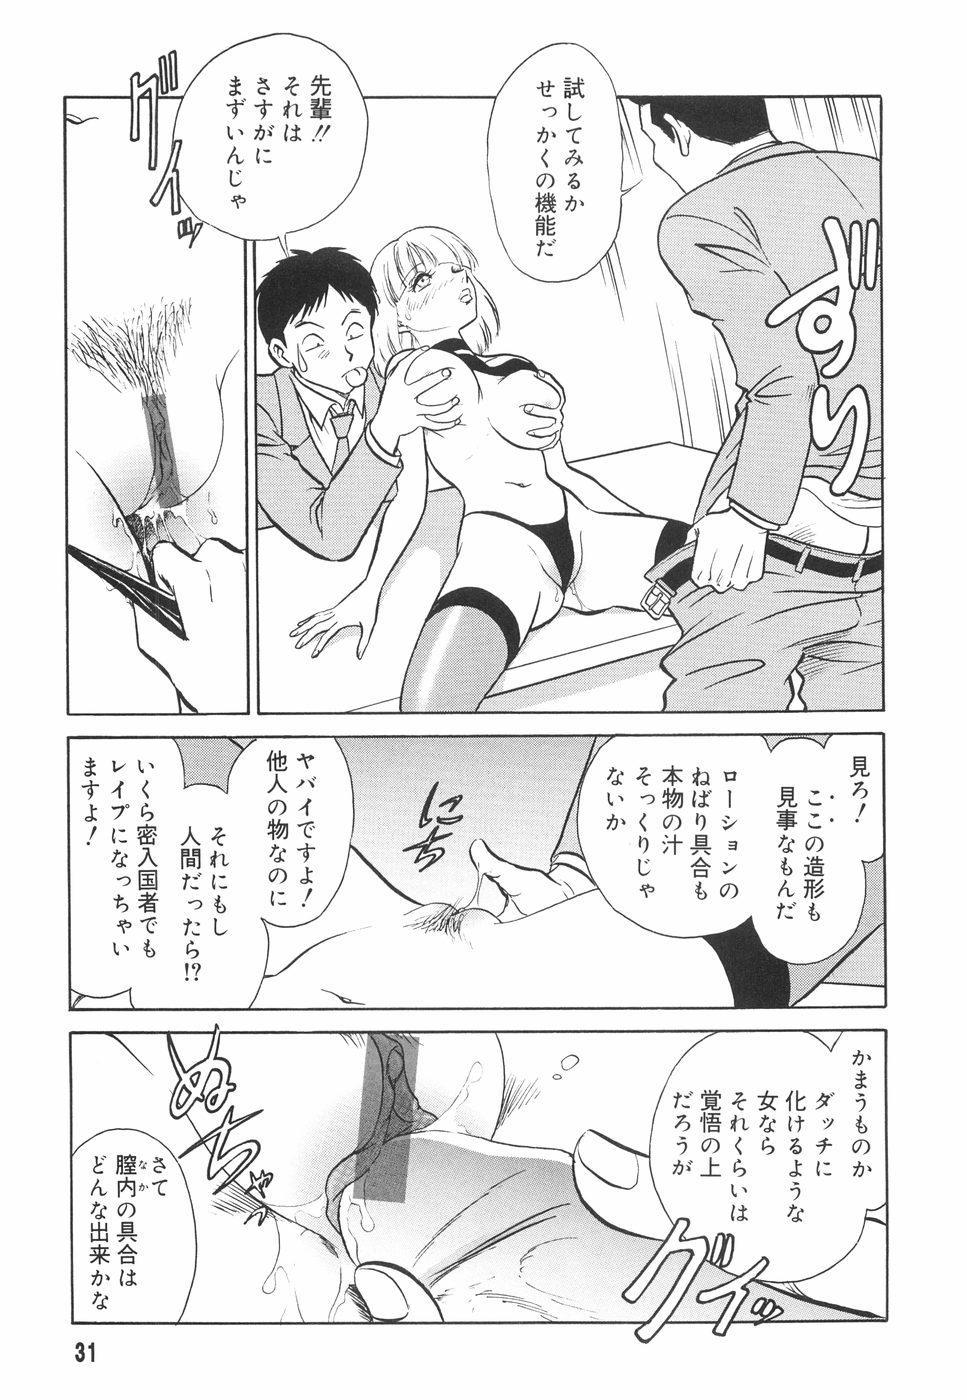 Hazukashime no Jikan 31